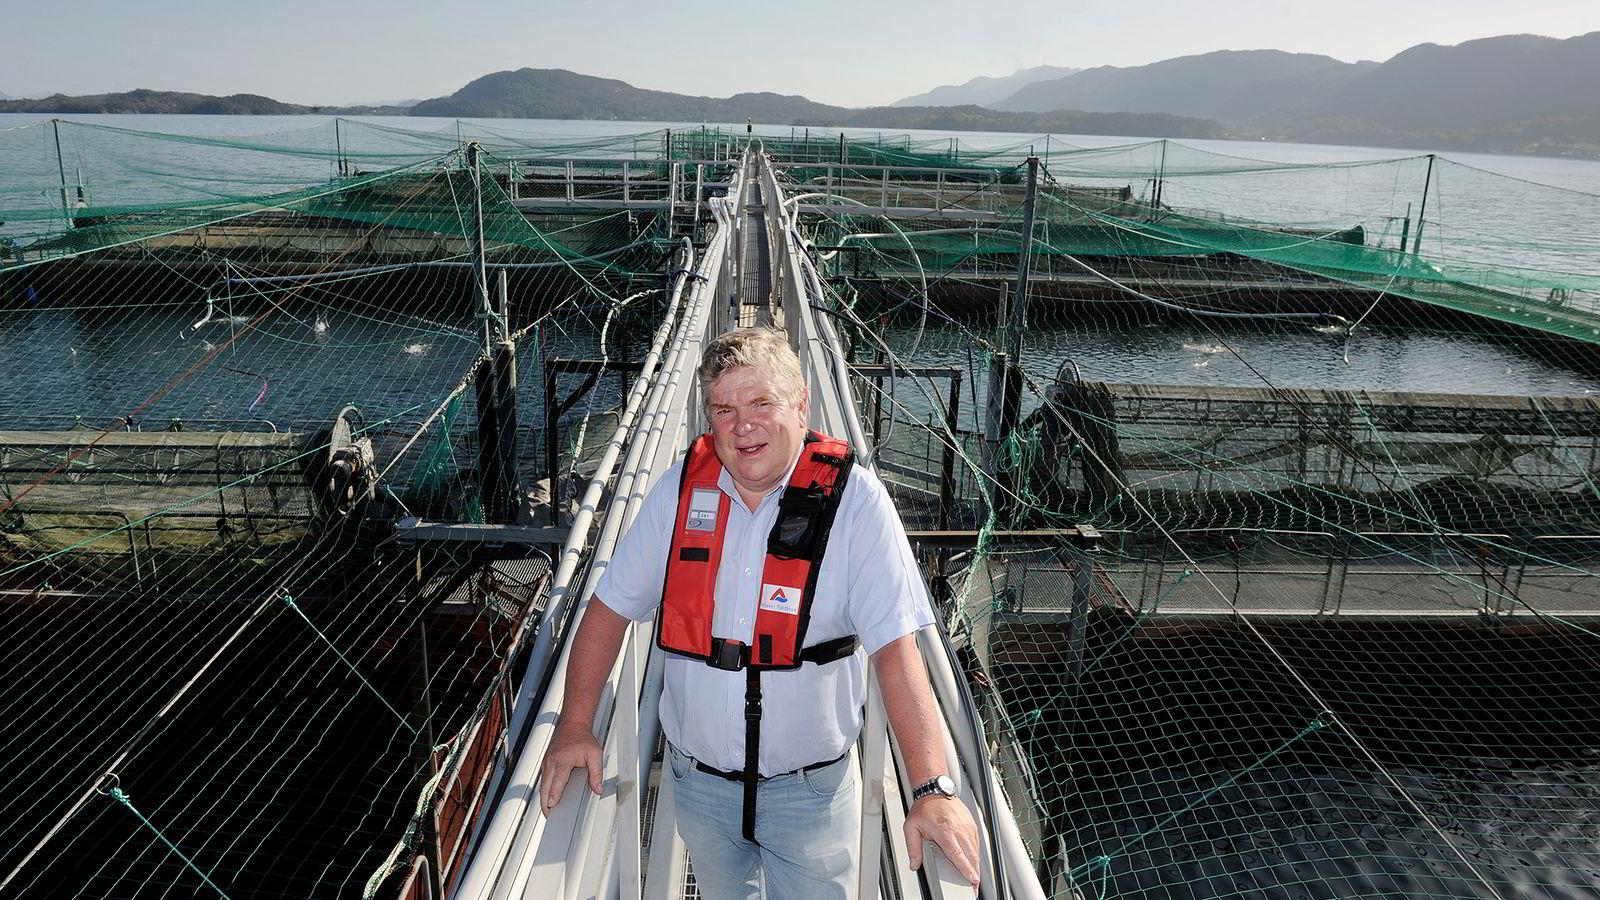 Ewos-sjef Einar Wathne sier selskapet kun bruker sertifiserte soyaprodusenter. Foto: